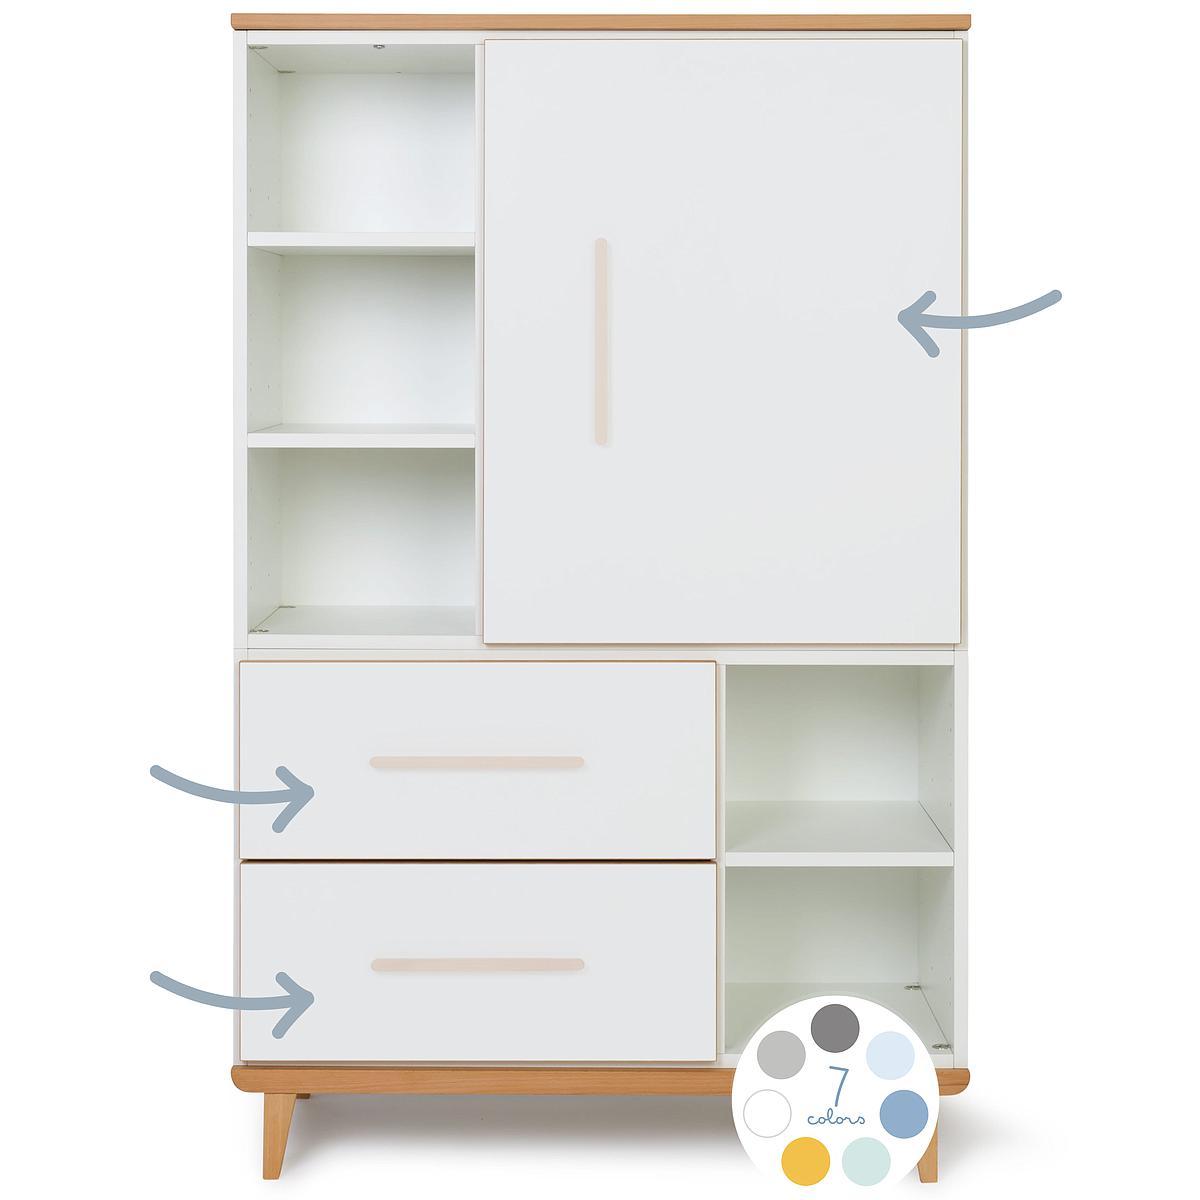 Kleiderschrank 147cm 1-türig 2 Schubladen ohne frontschubladen-tür NADO